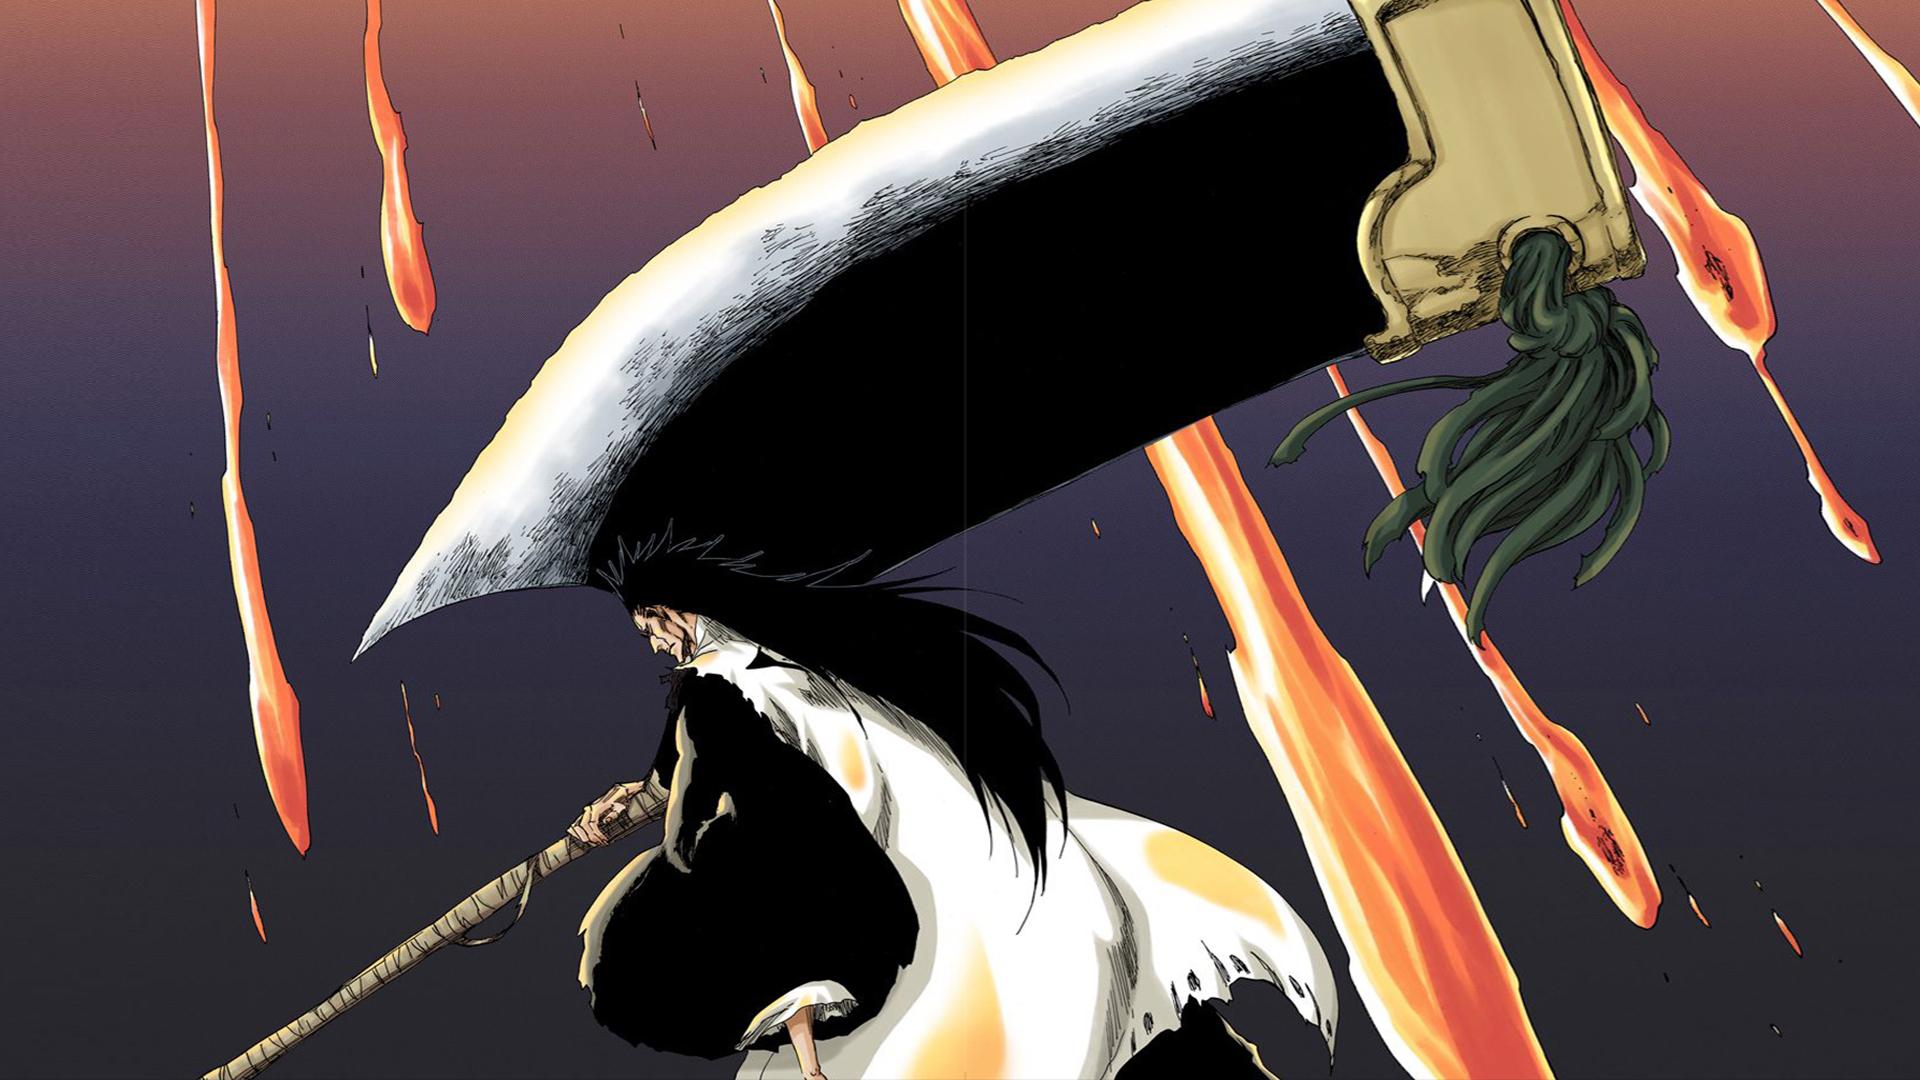 无法想象的强大!最强剑八vs幻想家葛雷密【死神千年血战18】